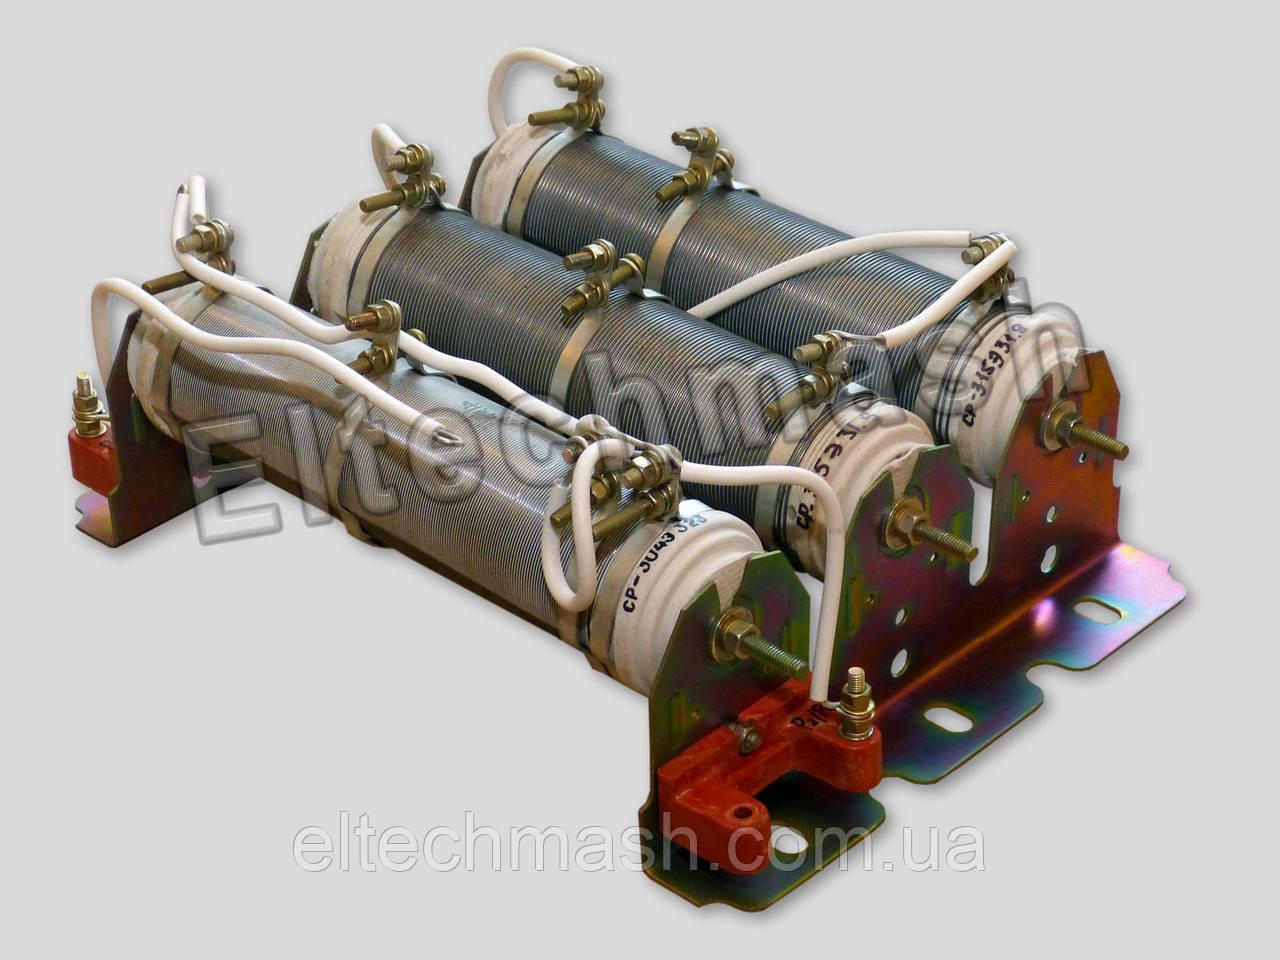 Резистор ПС-50332 УХЛ2